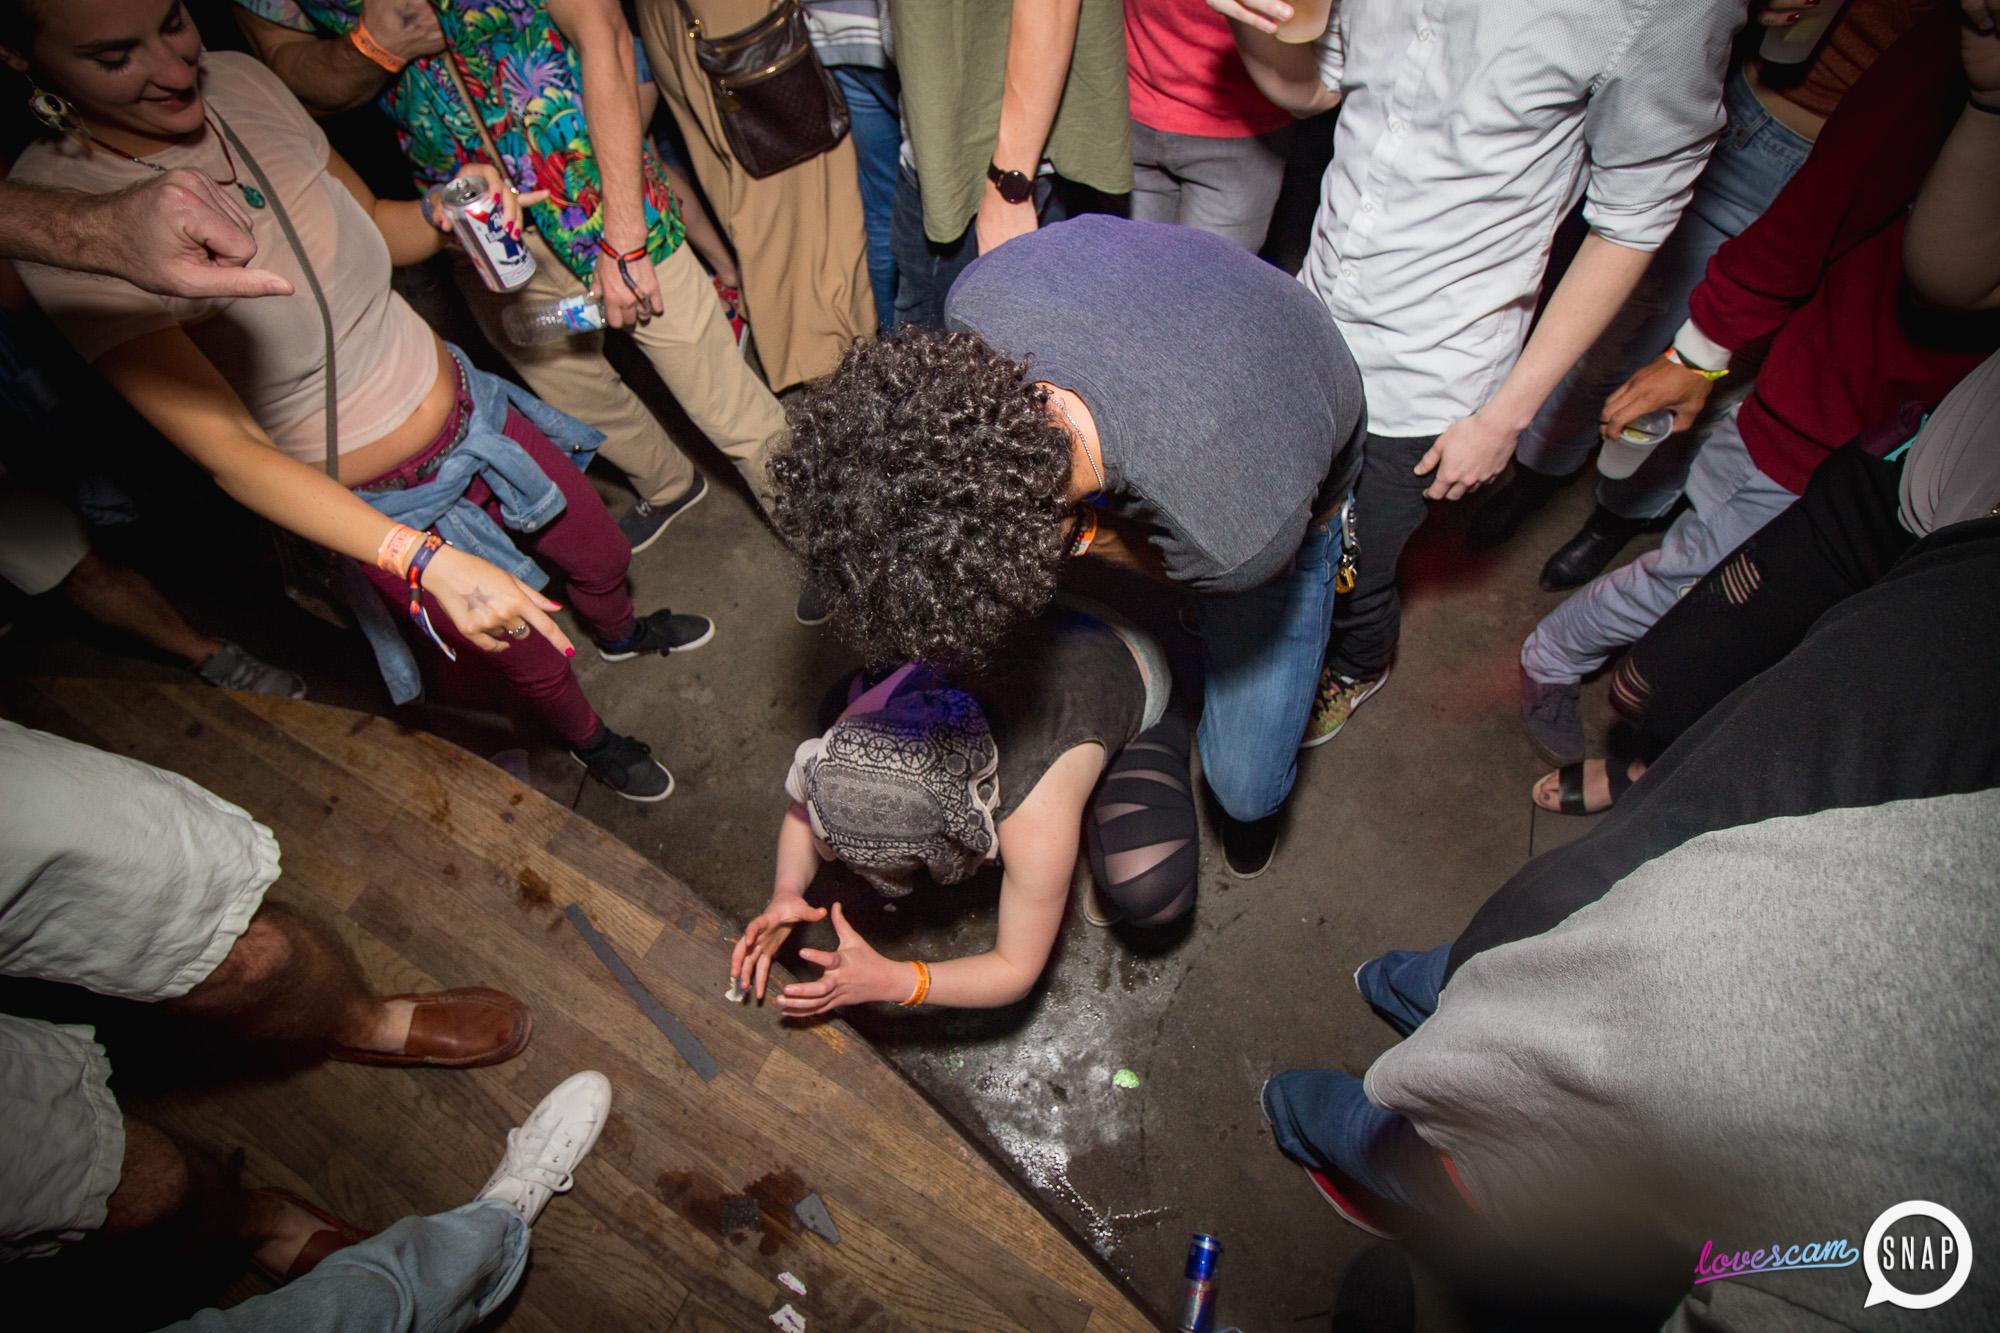 LoveScam Oh Snap Kid Grace Kelly Atlanta MJQ Nightlife logo-35.JPG